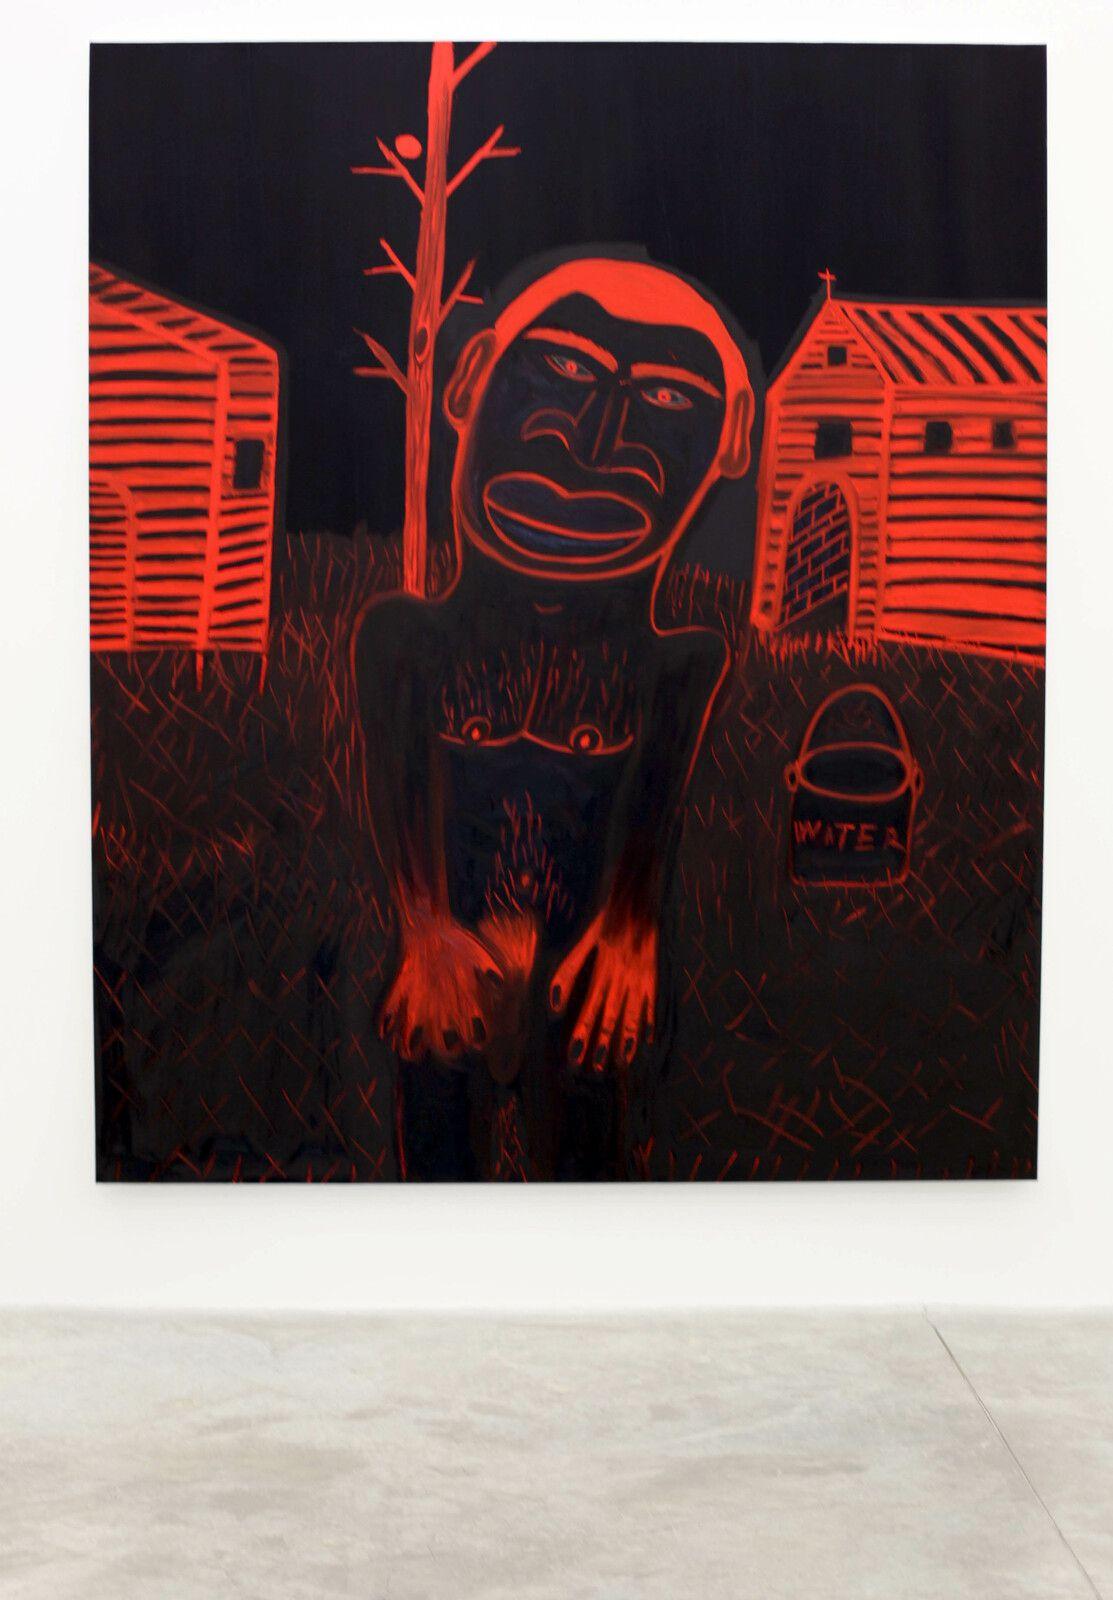 """""""Cabin fever"""", 2021 de Marcus JAHMAL - Courtesy de l'artiste et de la galerie Almine Rech © Photo Éric Simon"""